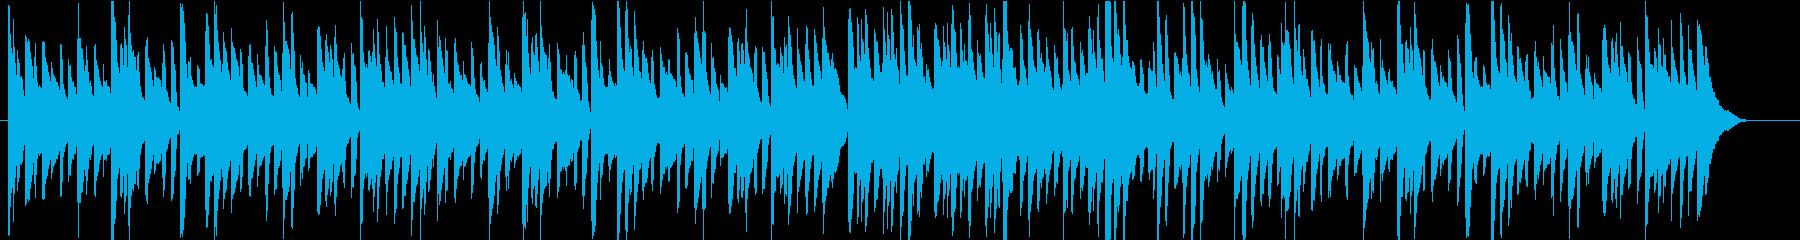 ピアノのみのクラシカルなワルツの再生済みの波形